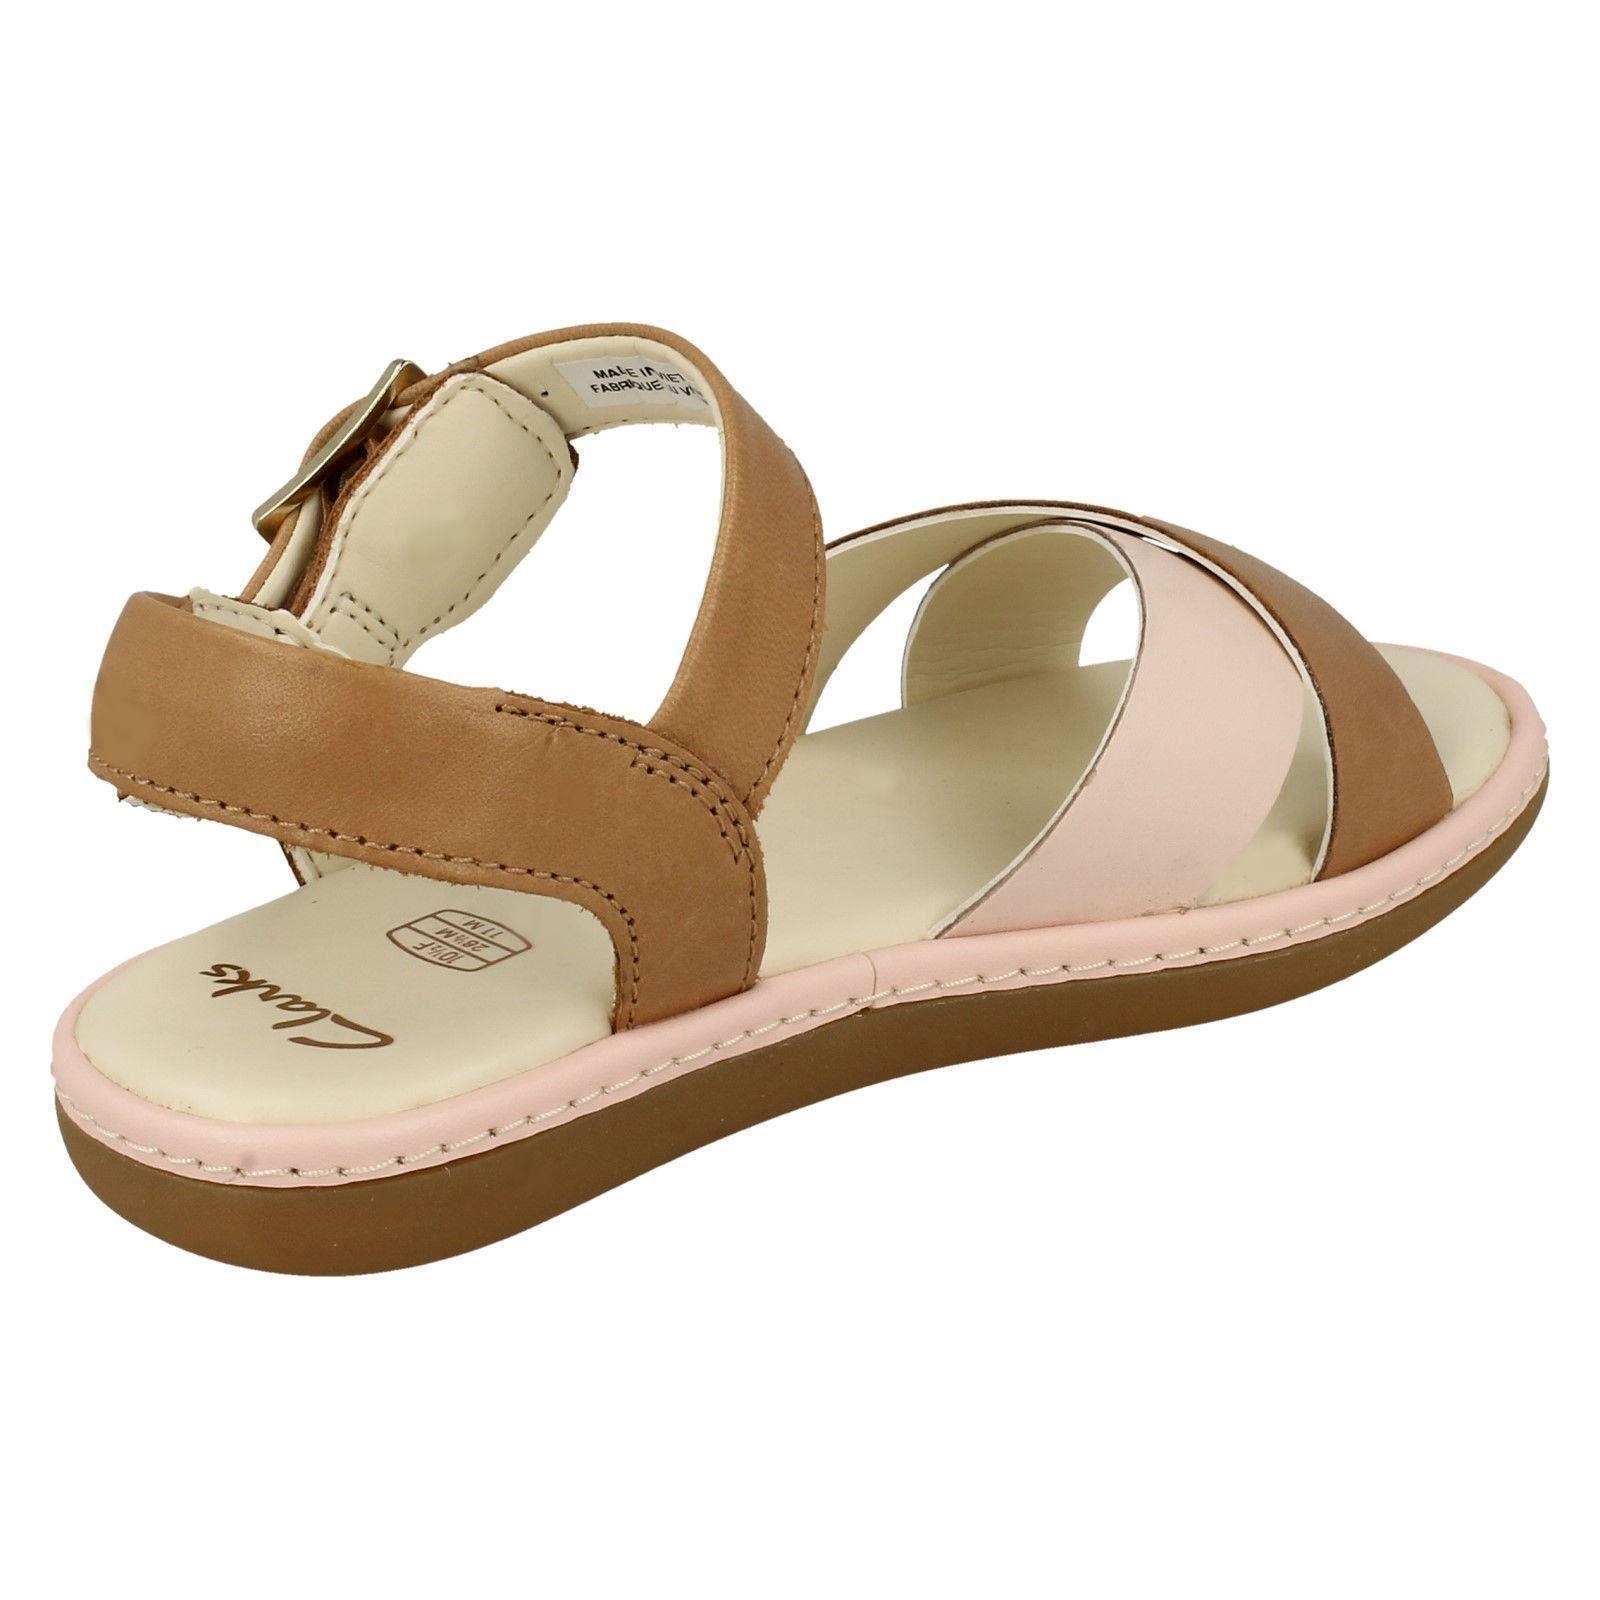 Girls Clarks Criss-Cross Detailed Sandals Skylark Pure K